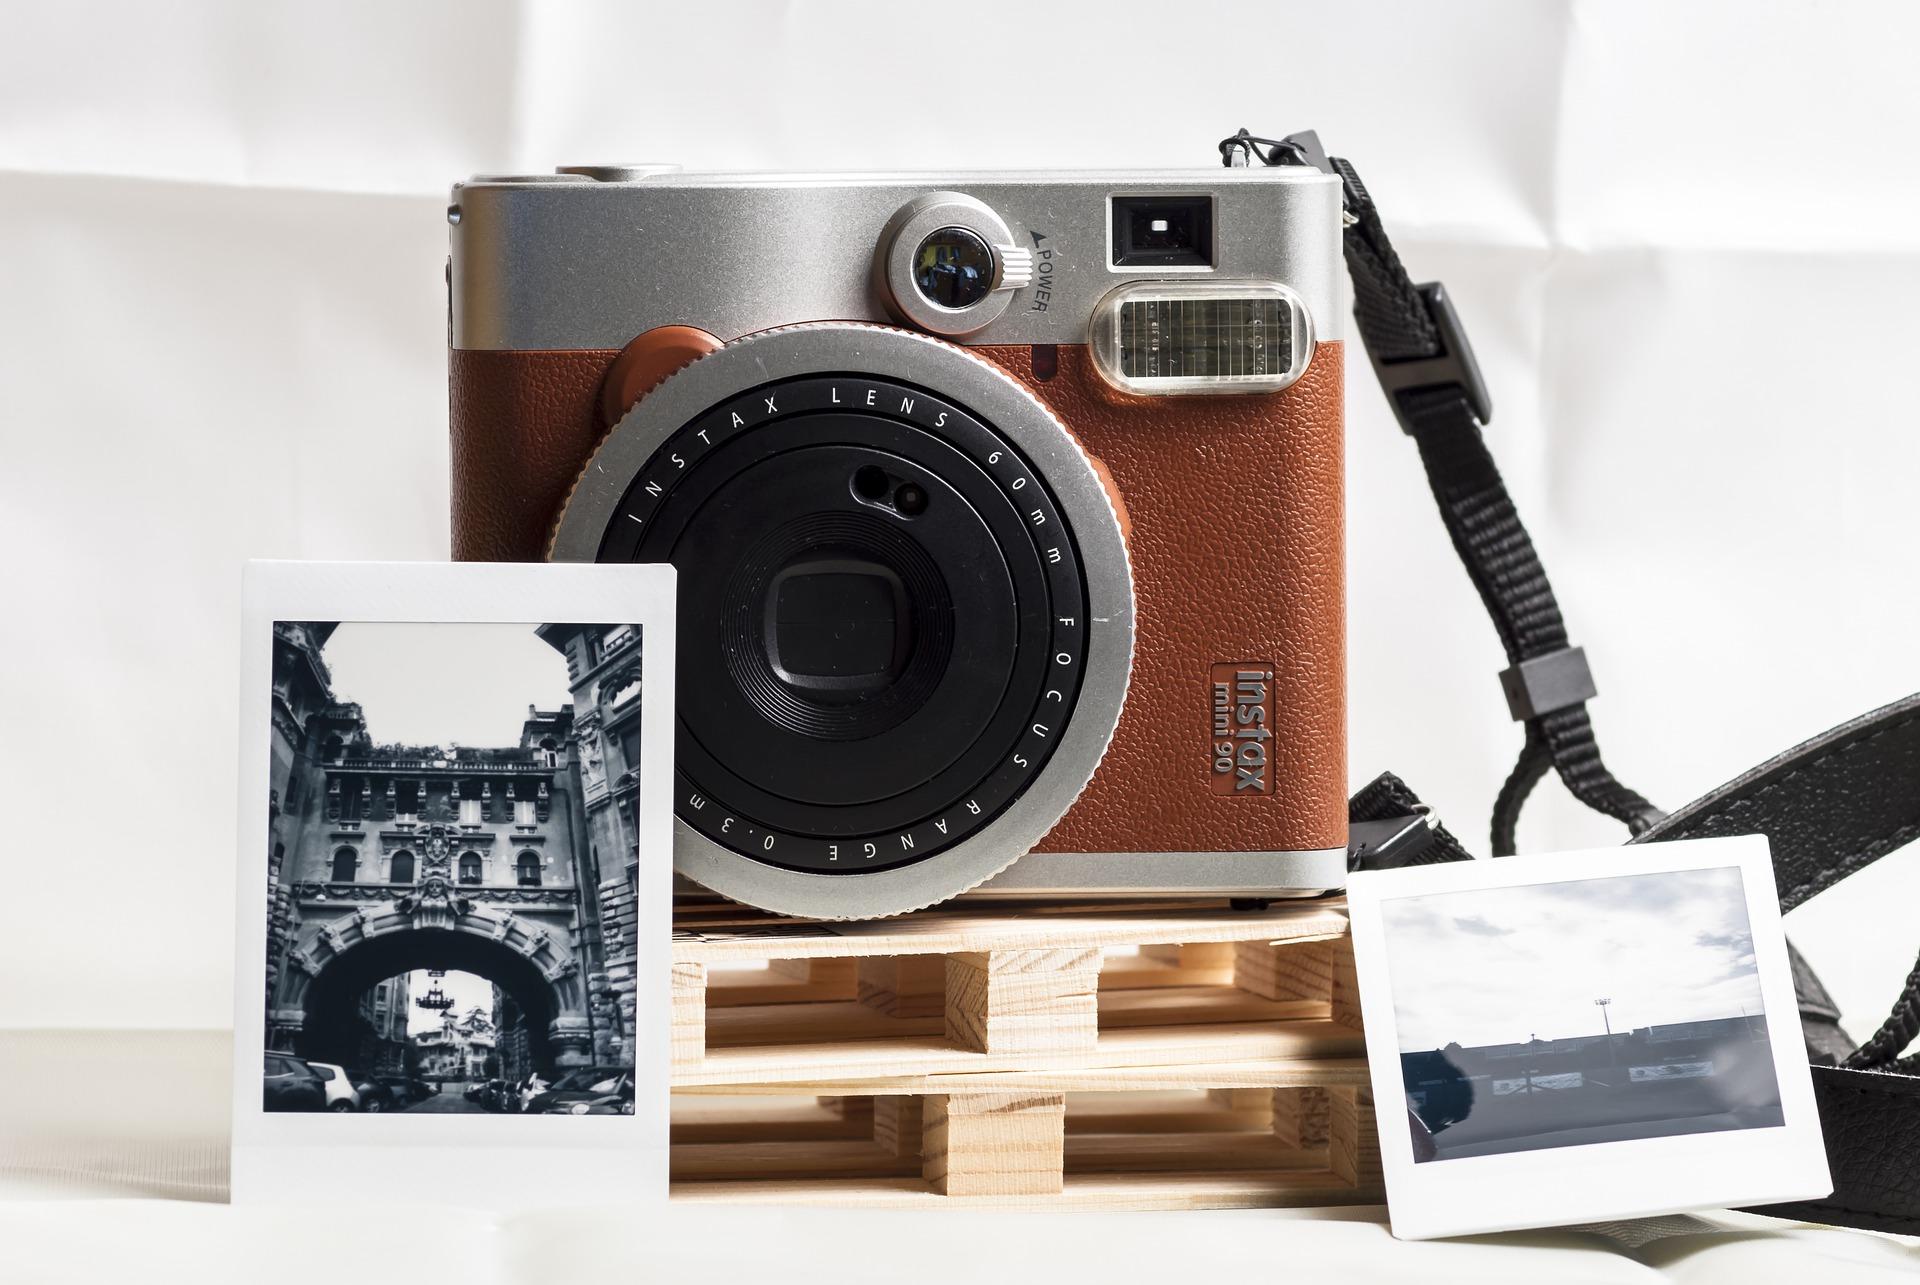 Imagem mostra uma câmera instantânea ao lado de fotografias turísticas.